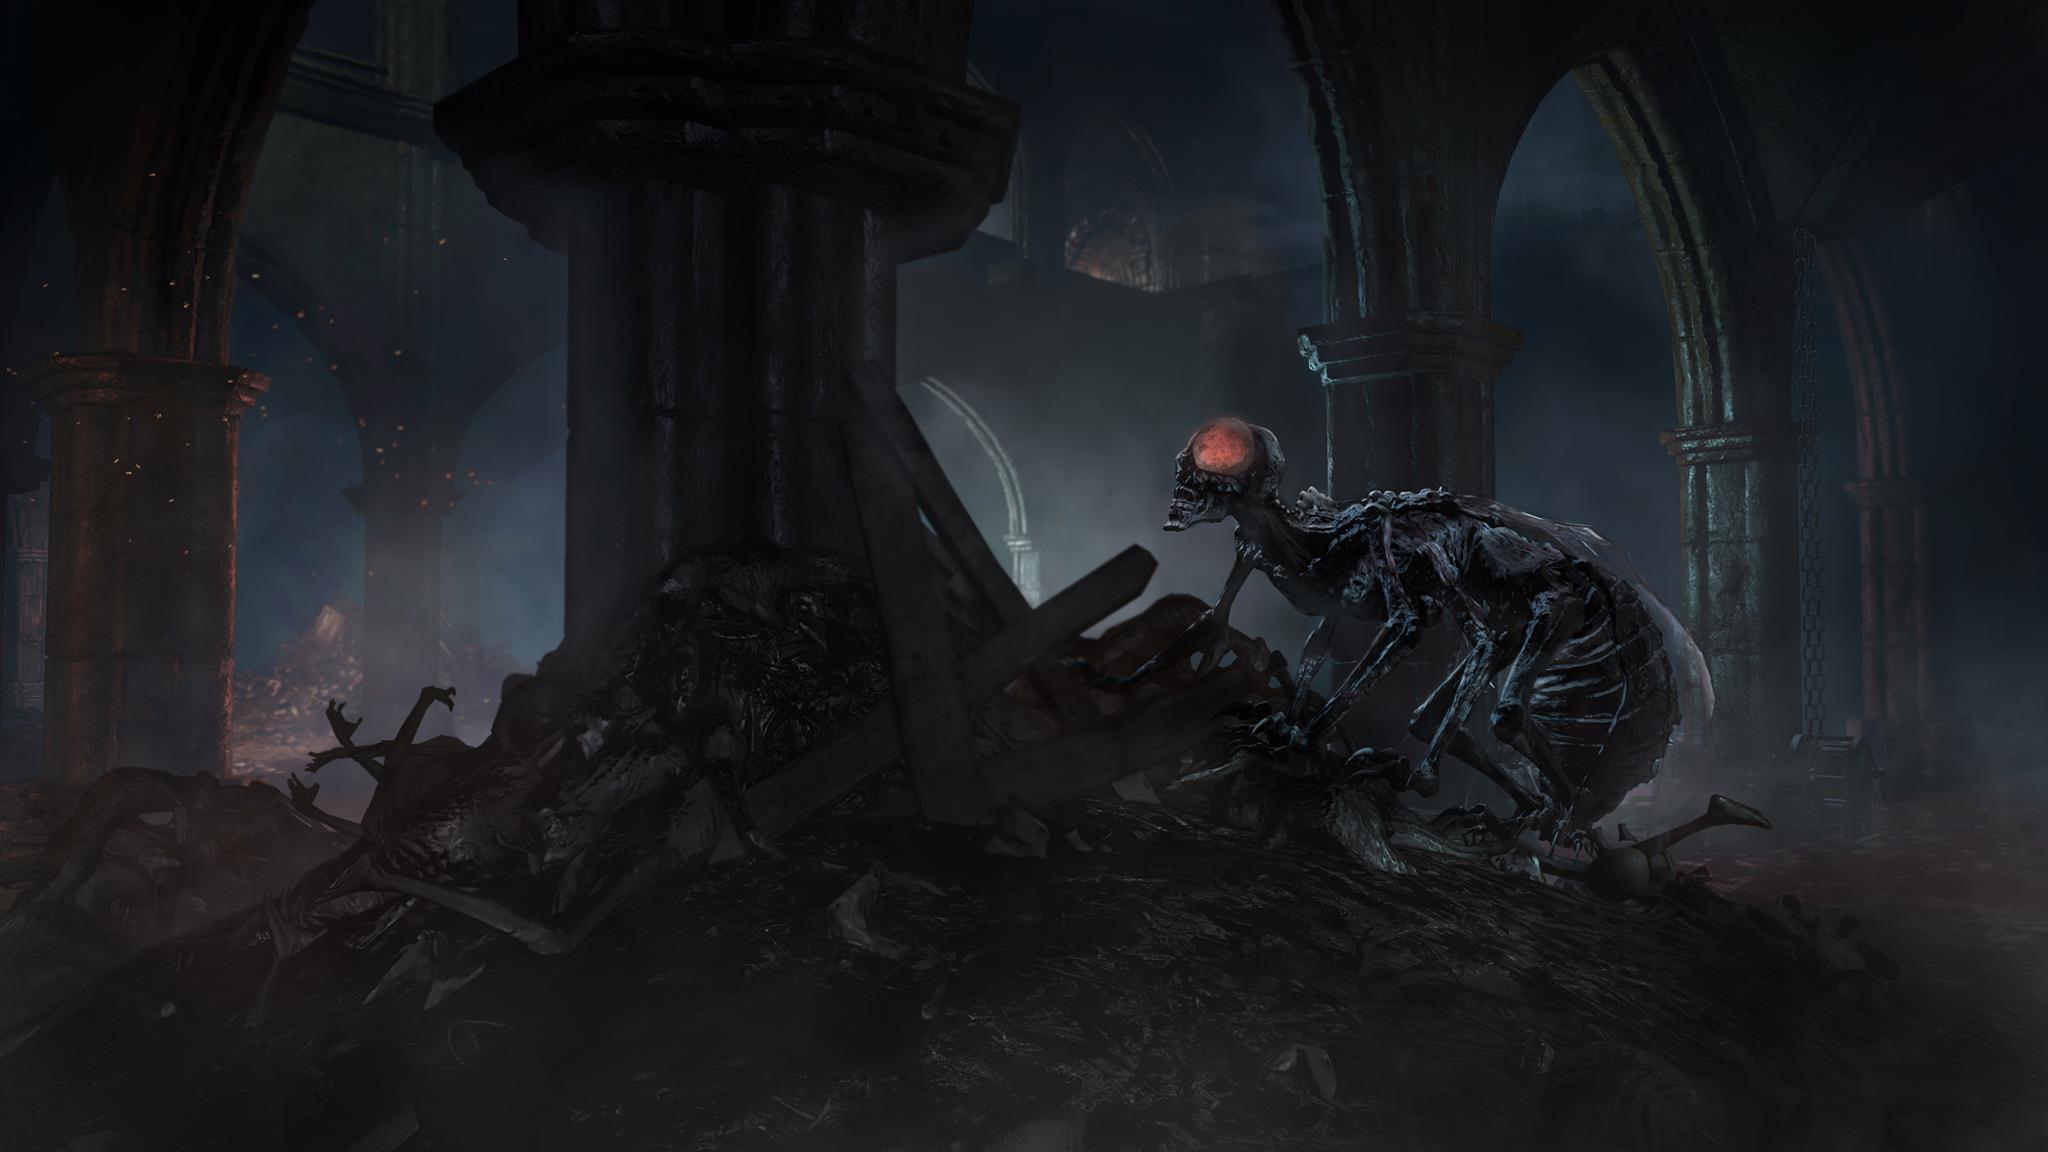 25. října vyjde první DLC pro Dark Souls 3 129424